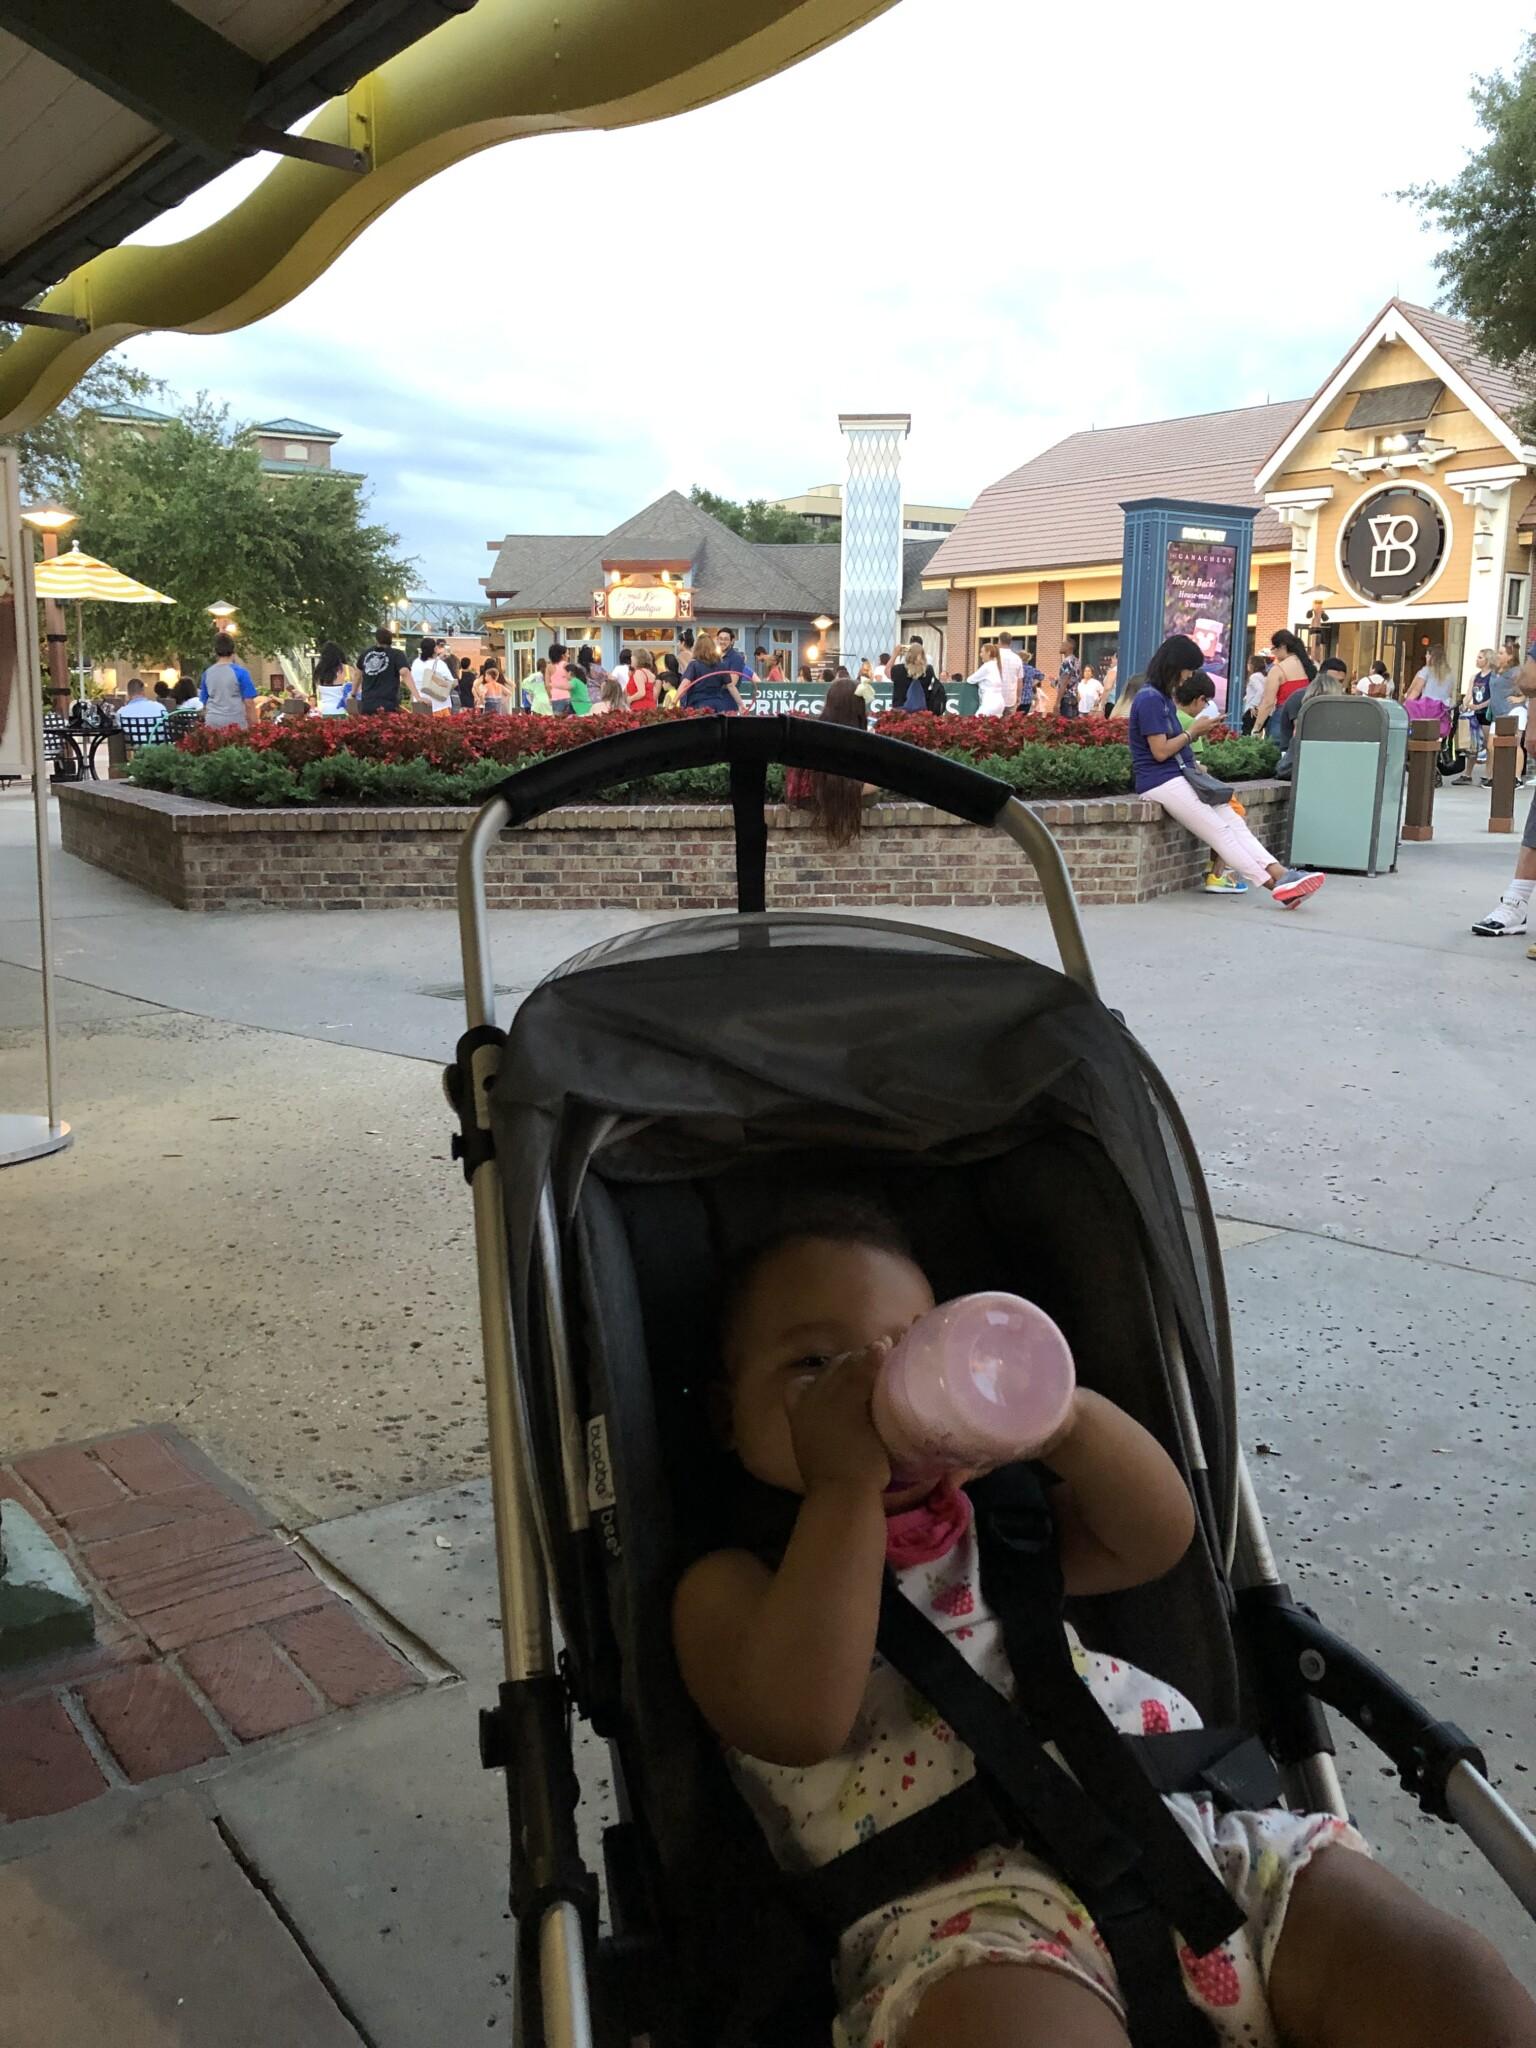 2 semaines en Floride avec un bébé de 1 an - Séjour du 2 au 16 mai 2019 DCL + WDW - Page 16 IMG_1038-1536x2048